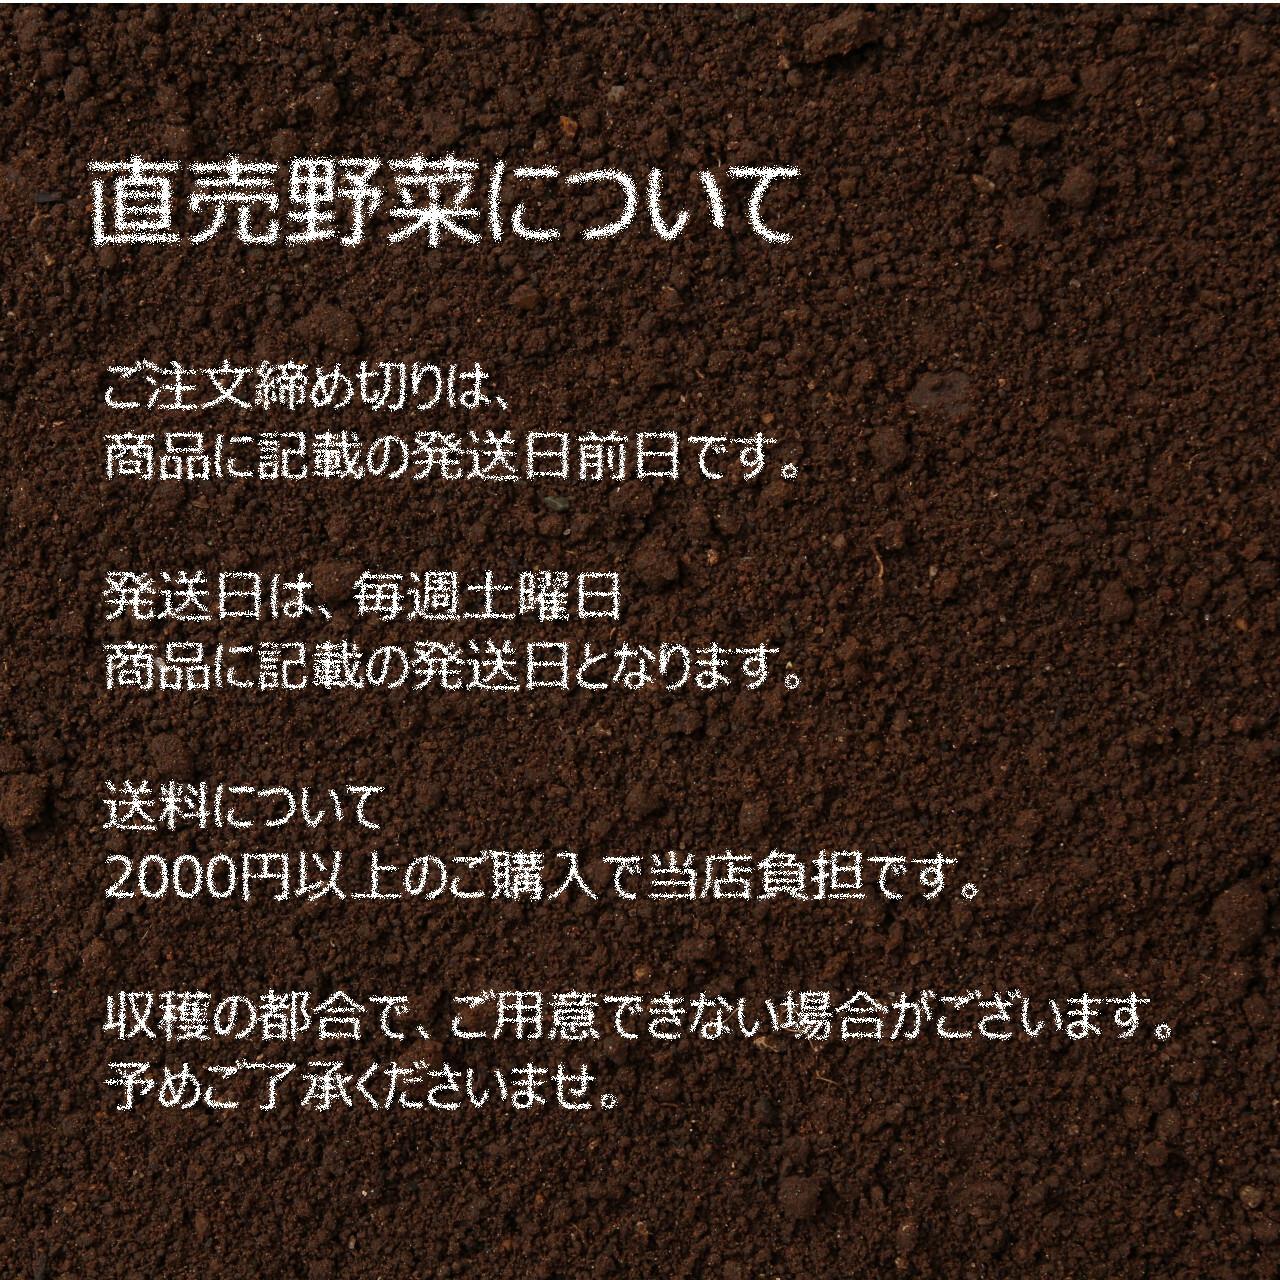 ピーマン 約150g : 6月の朝採り直売野菜 6月22日発送予定